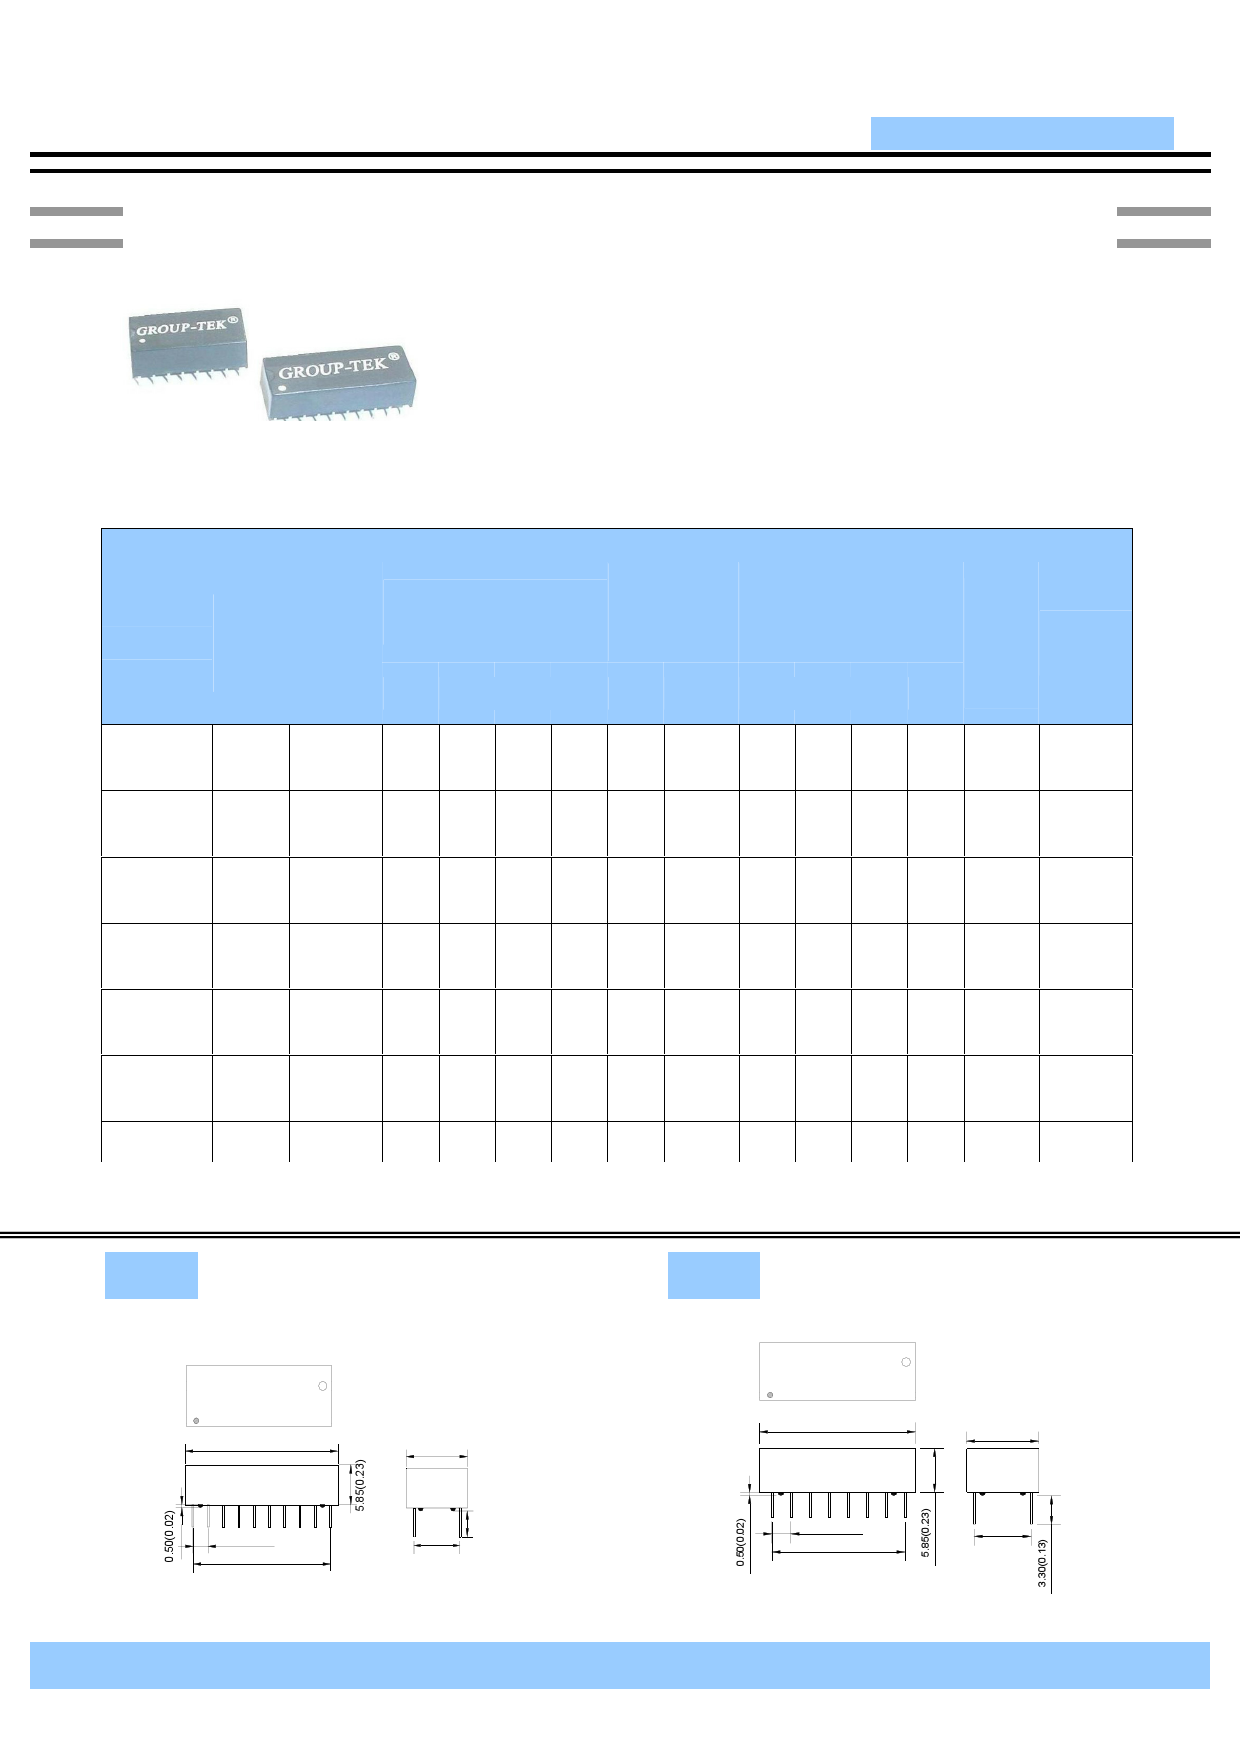 HST-2027DR datasheet pinout